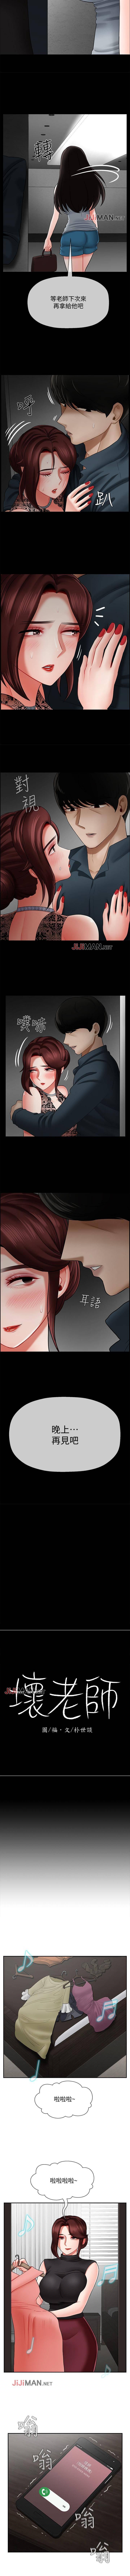 【已休刊】坏老师(作者:朴世談&福) 第1~31话 54